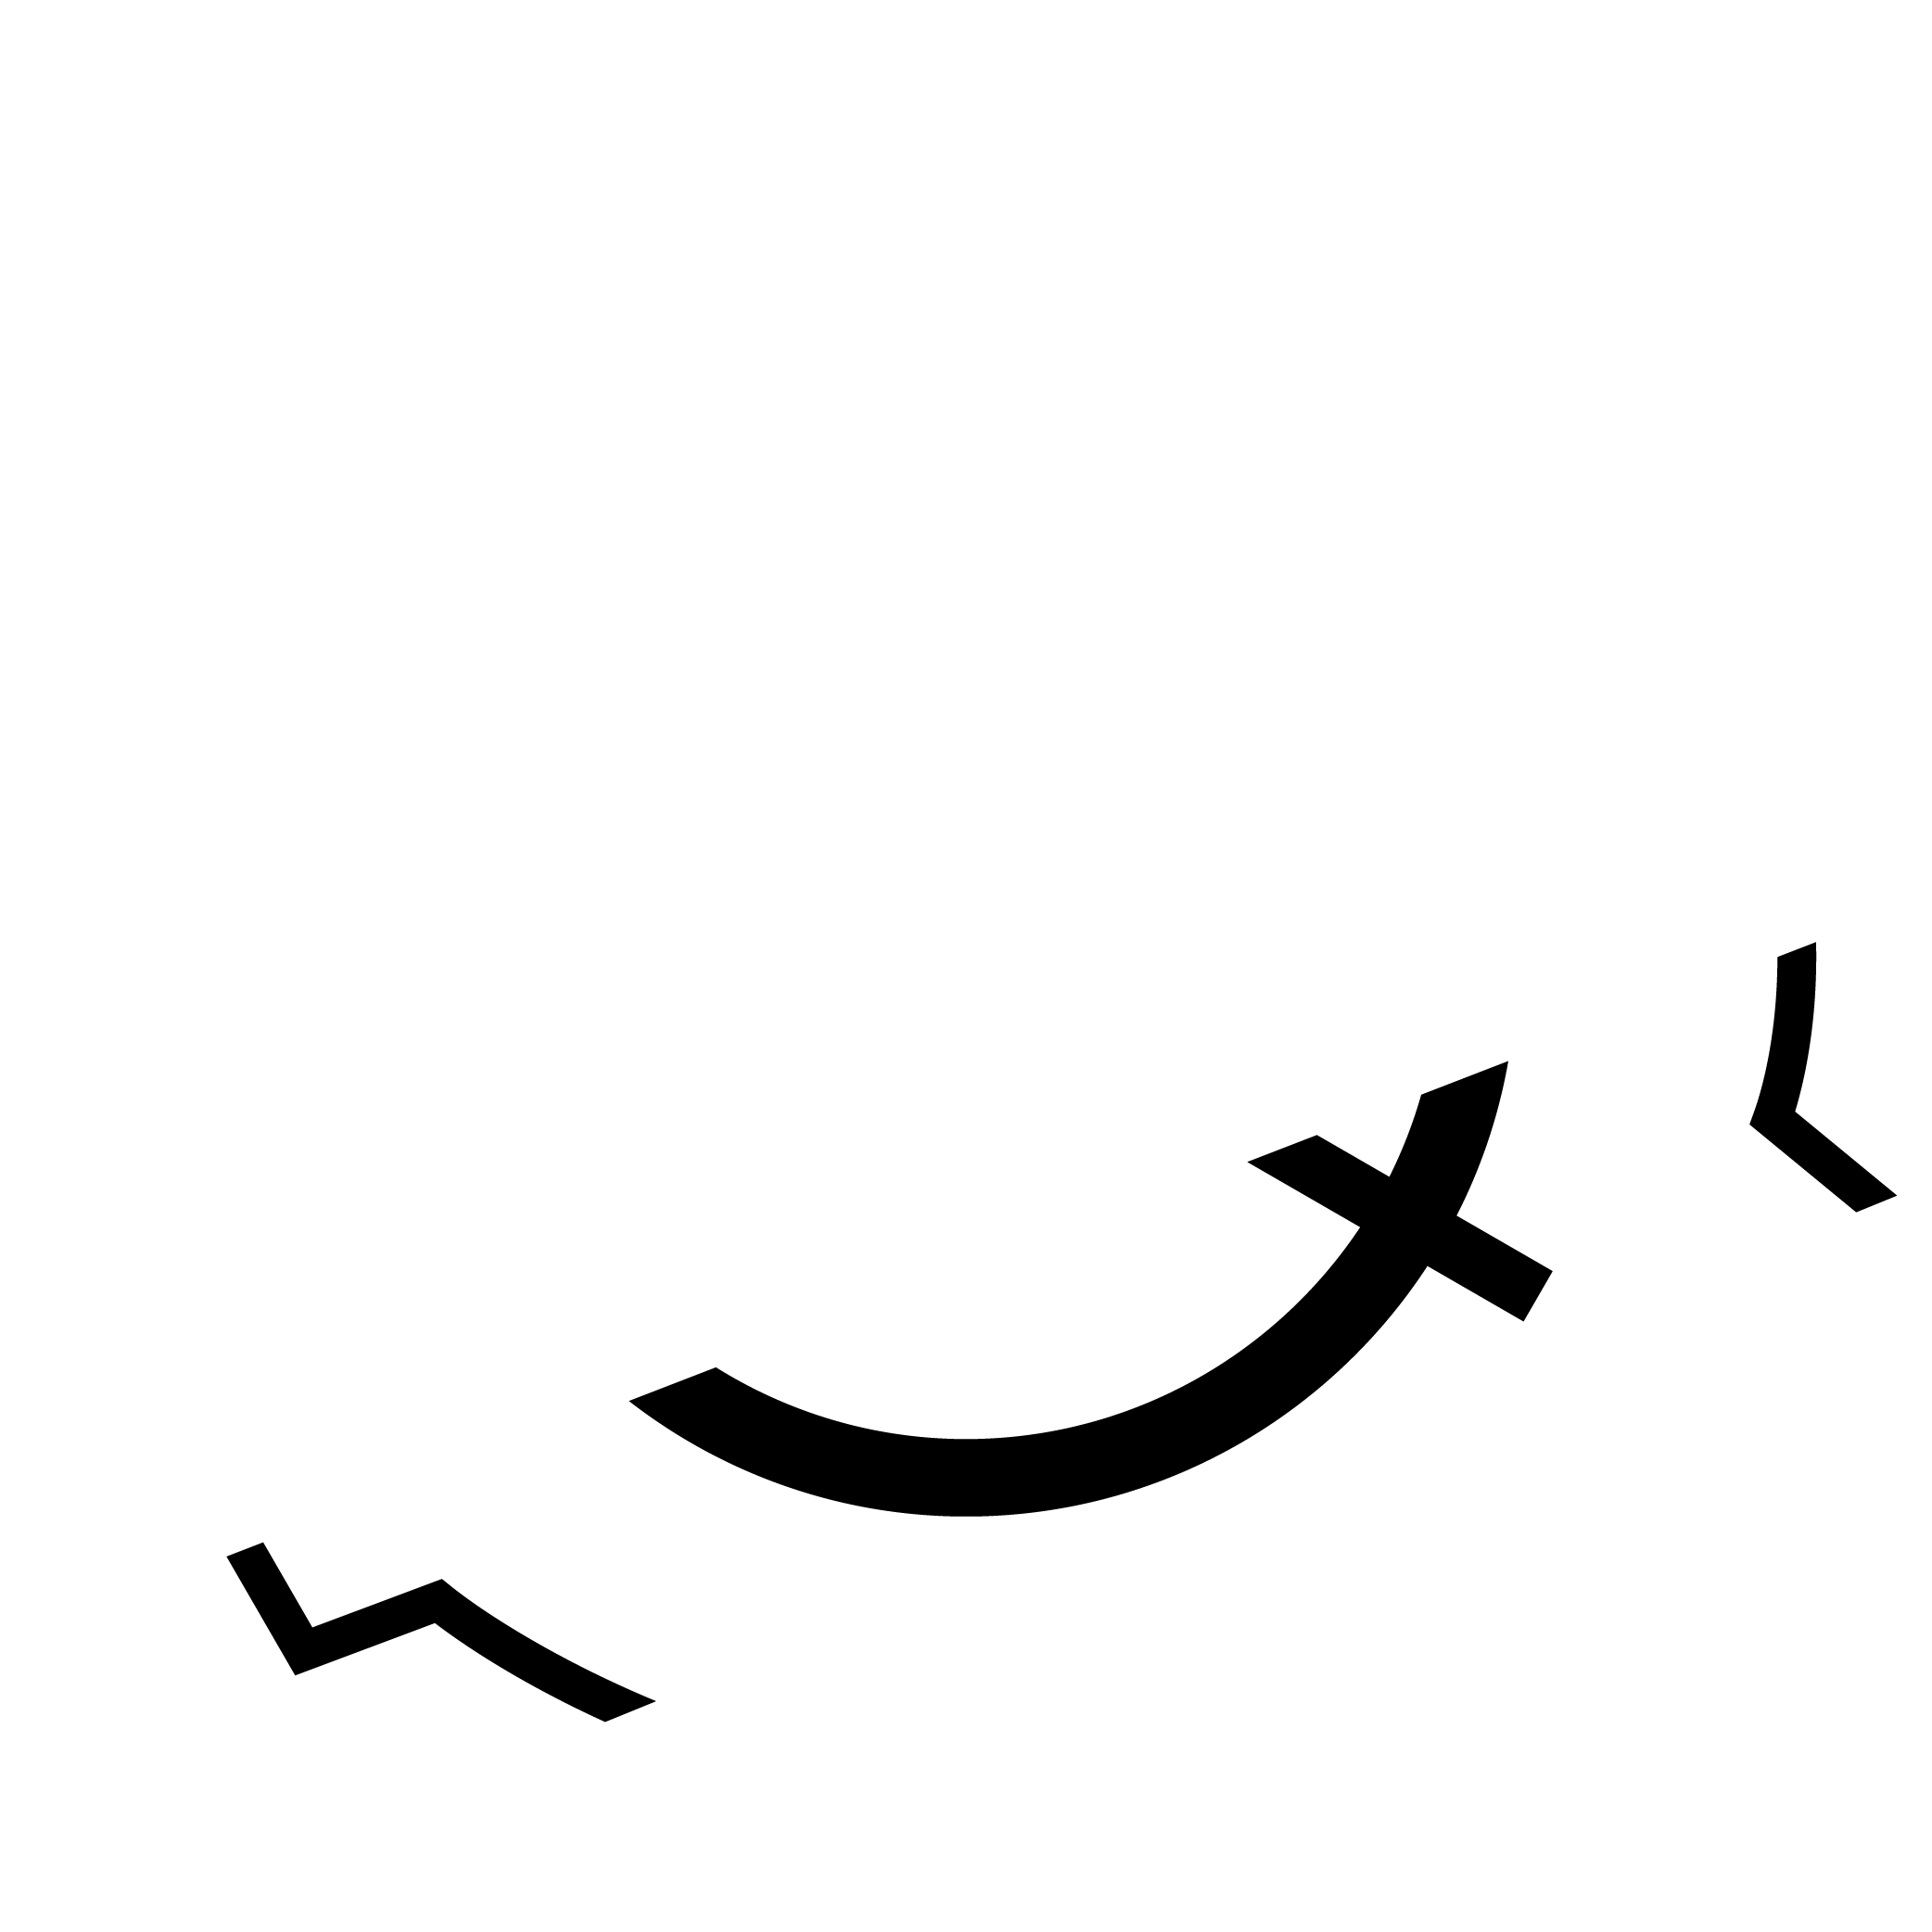 logo-slice-6.png